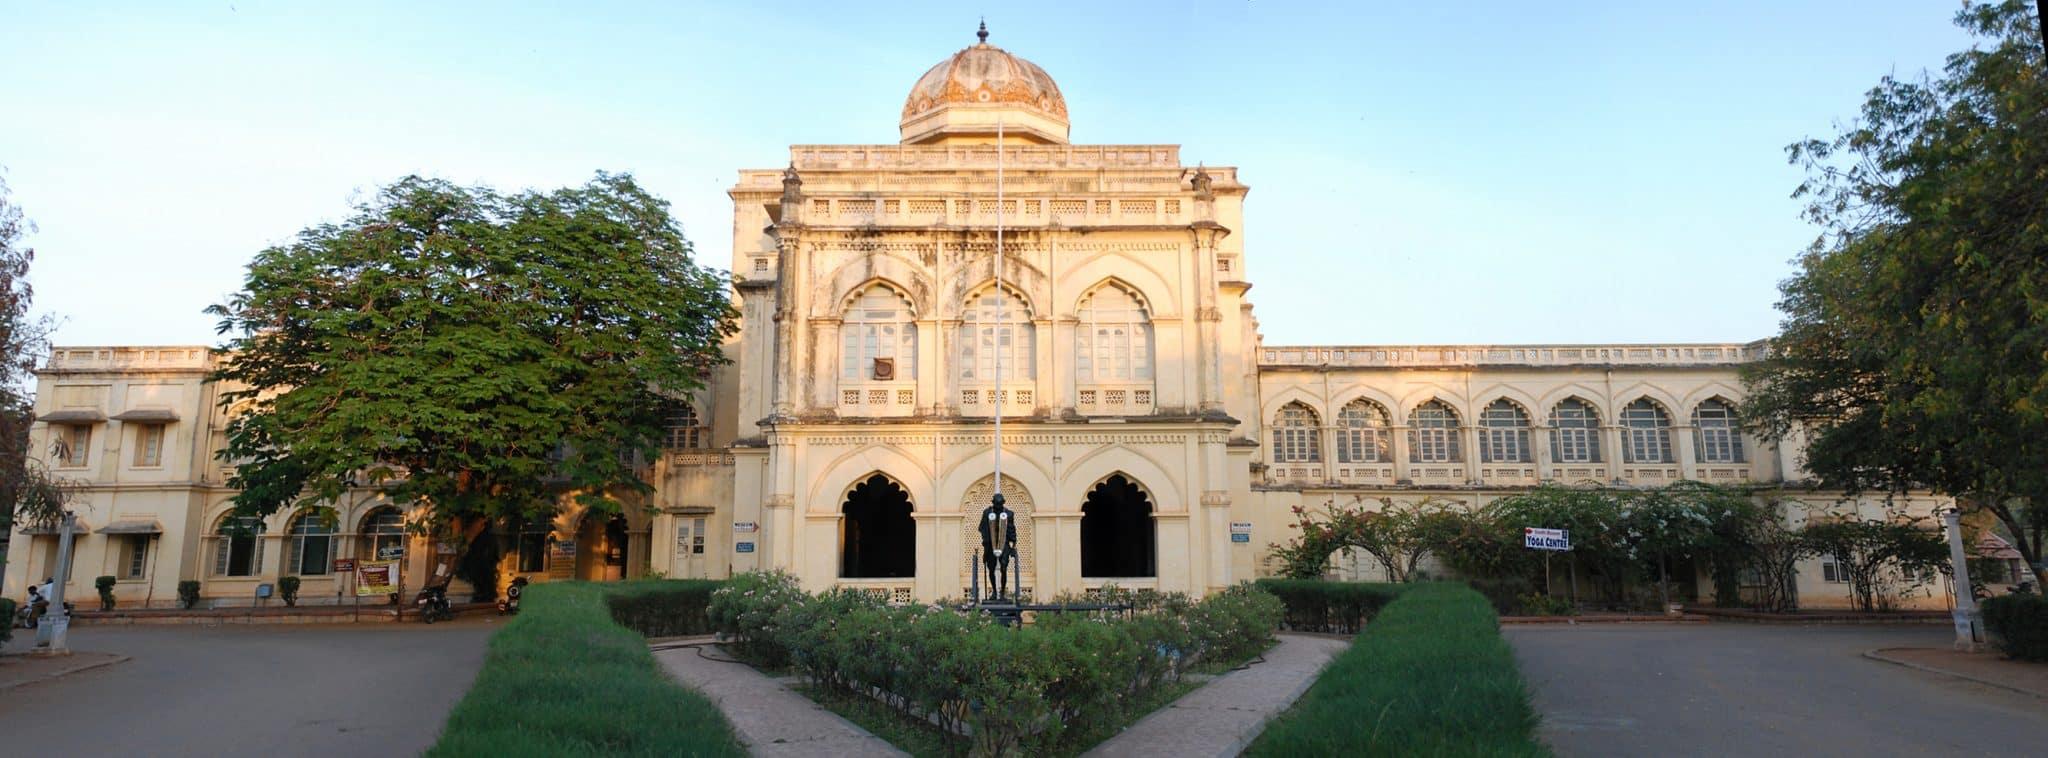 Gandhi Memorial Museum tamil nadu